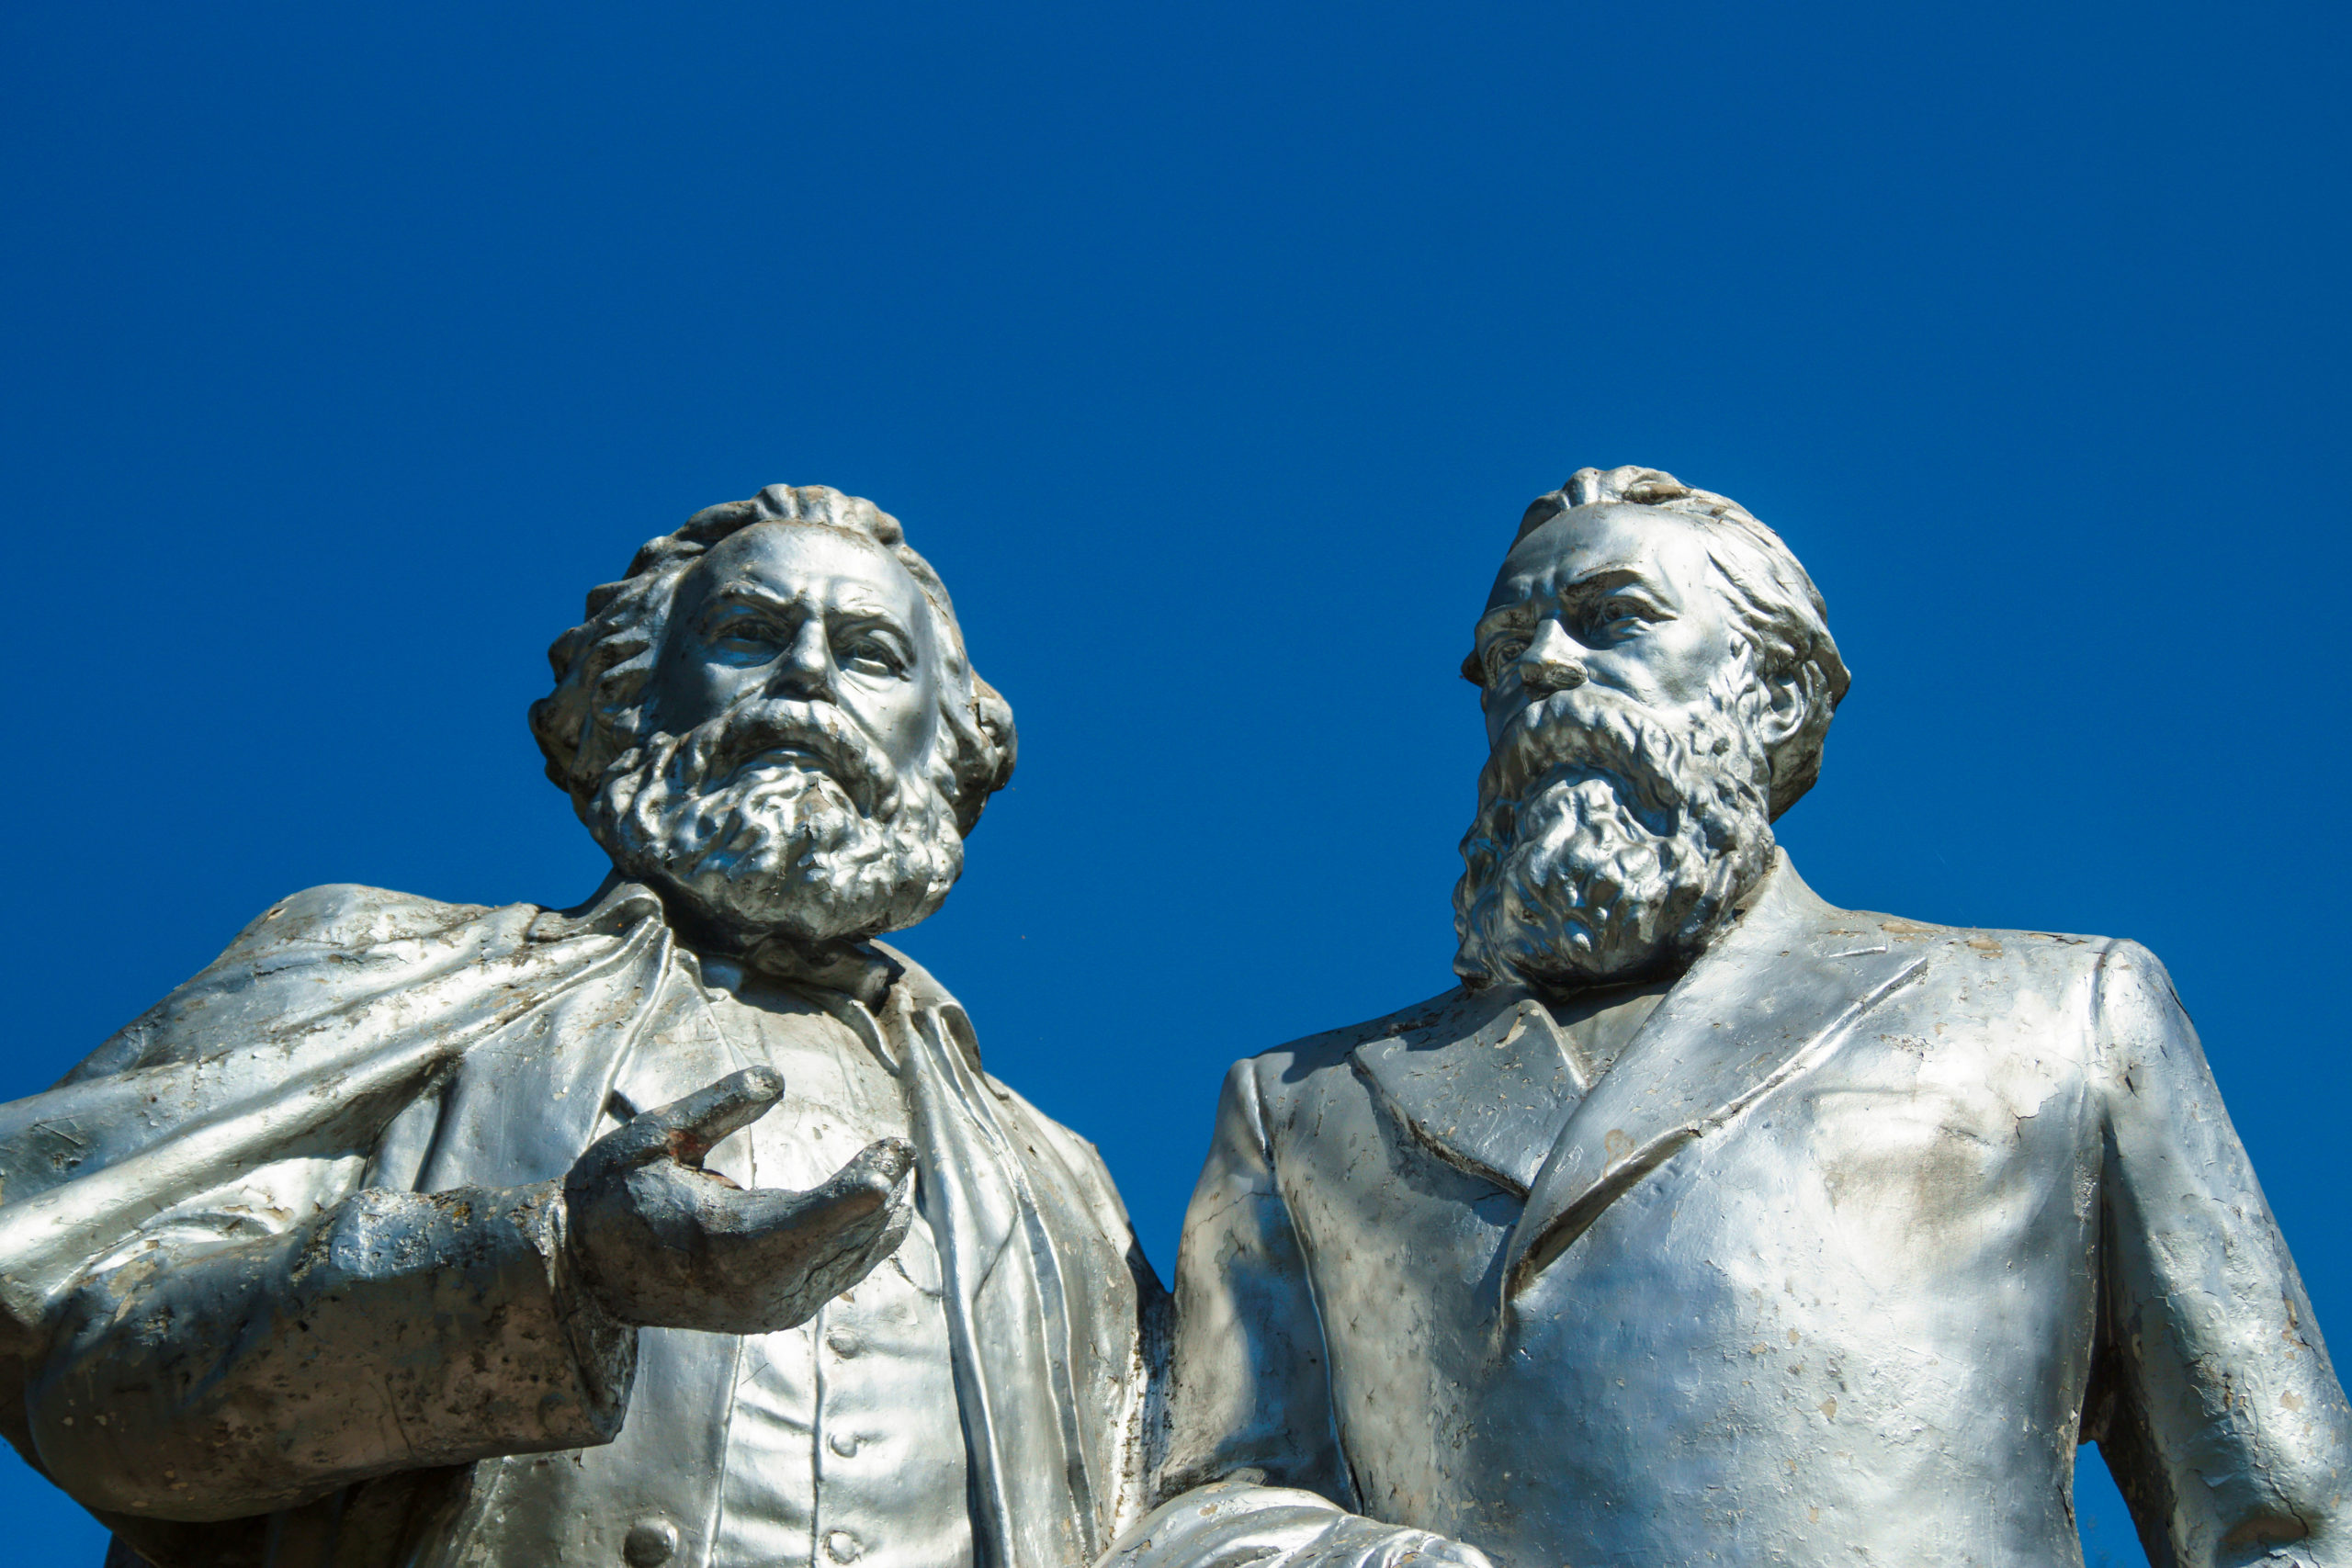 Friedrich Engels, the underestimated